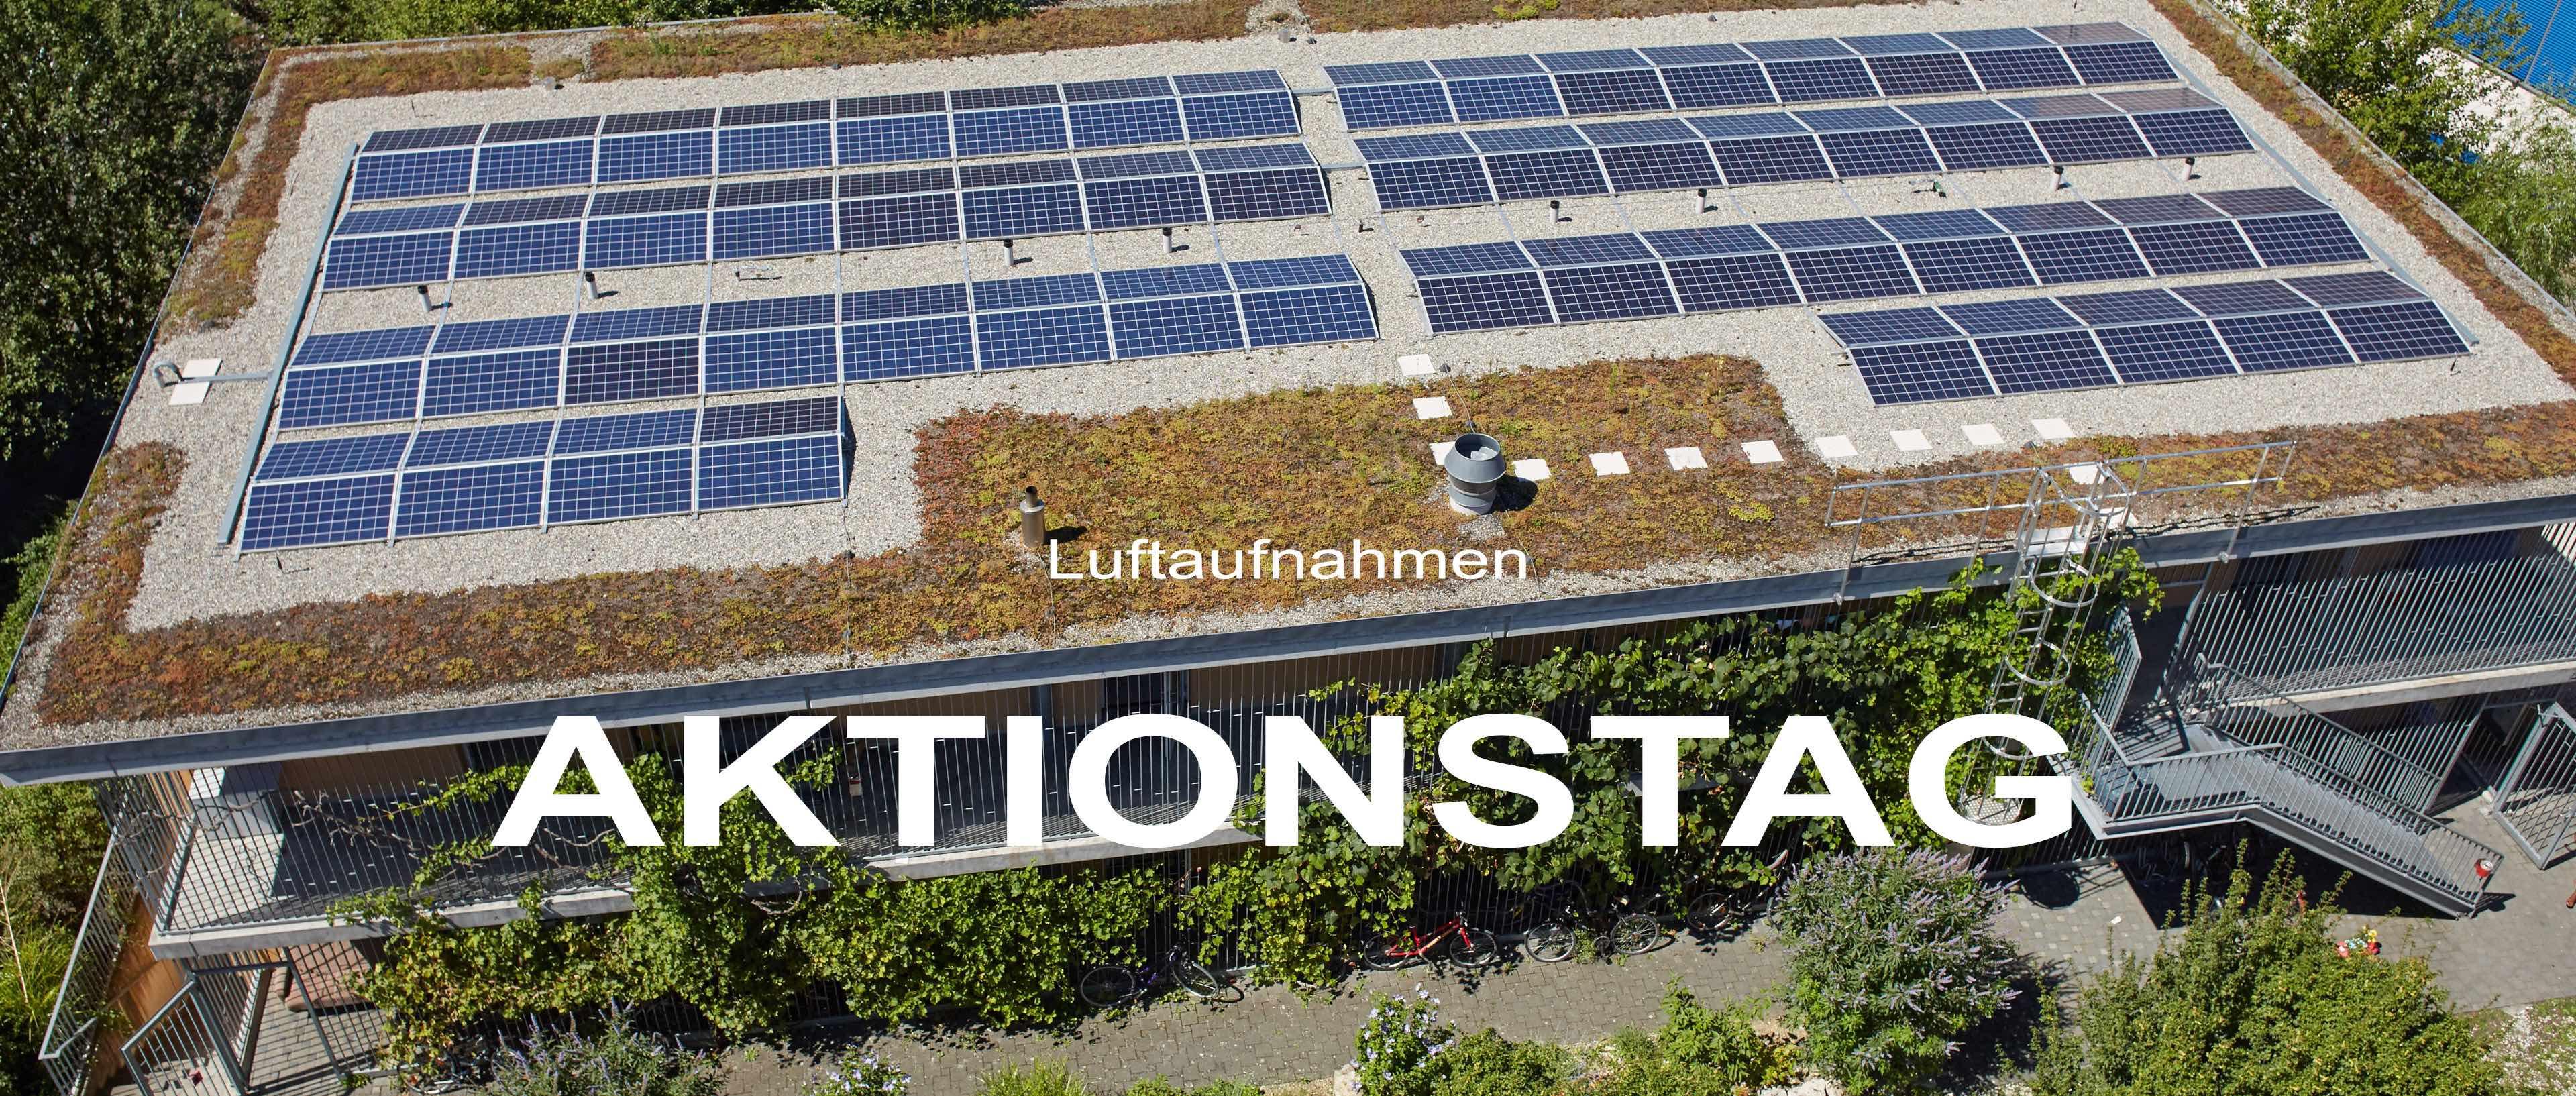 AKTIONSTAG Luftaufnahmen mit Drohne FLYMOTIONS